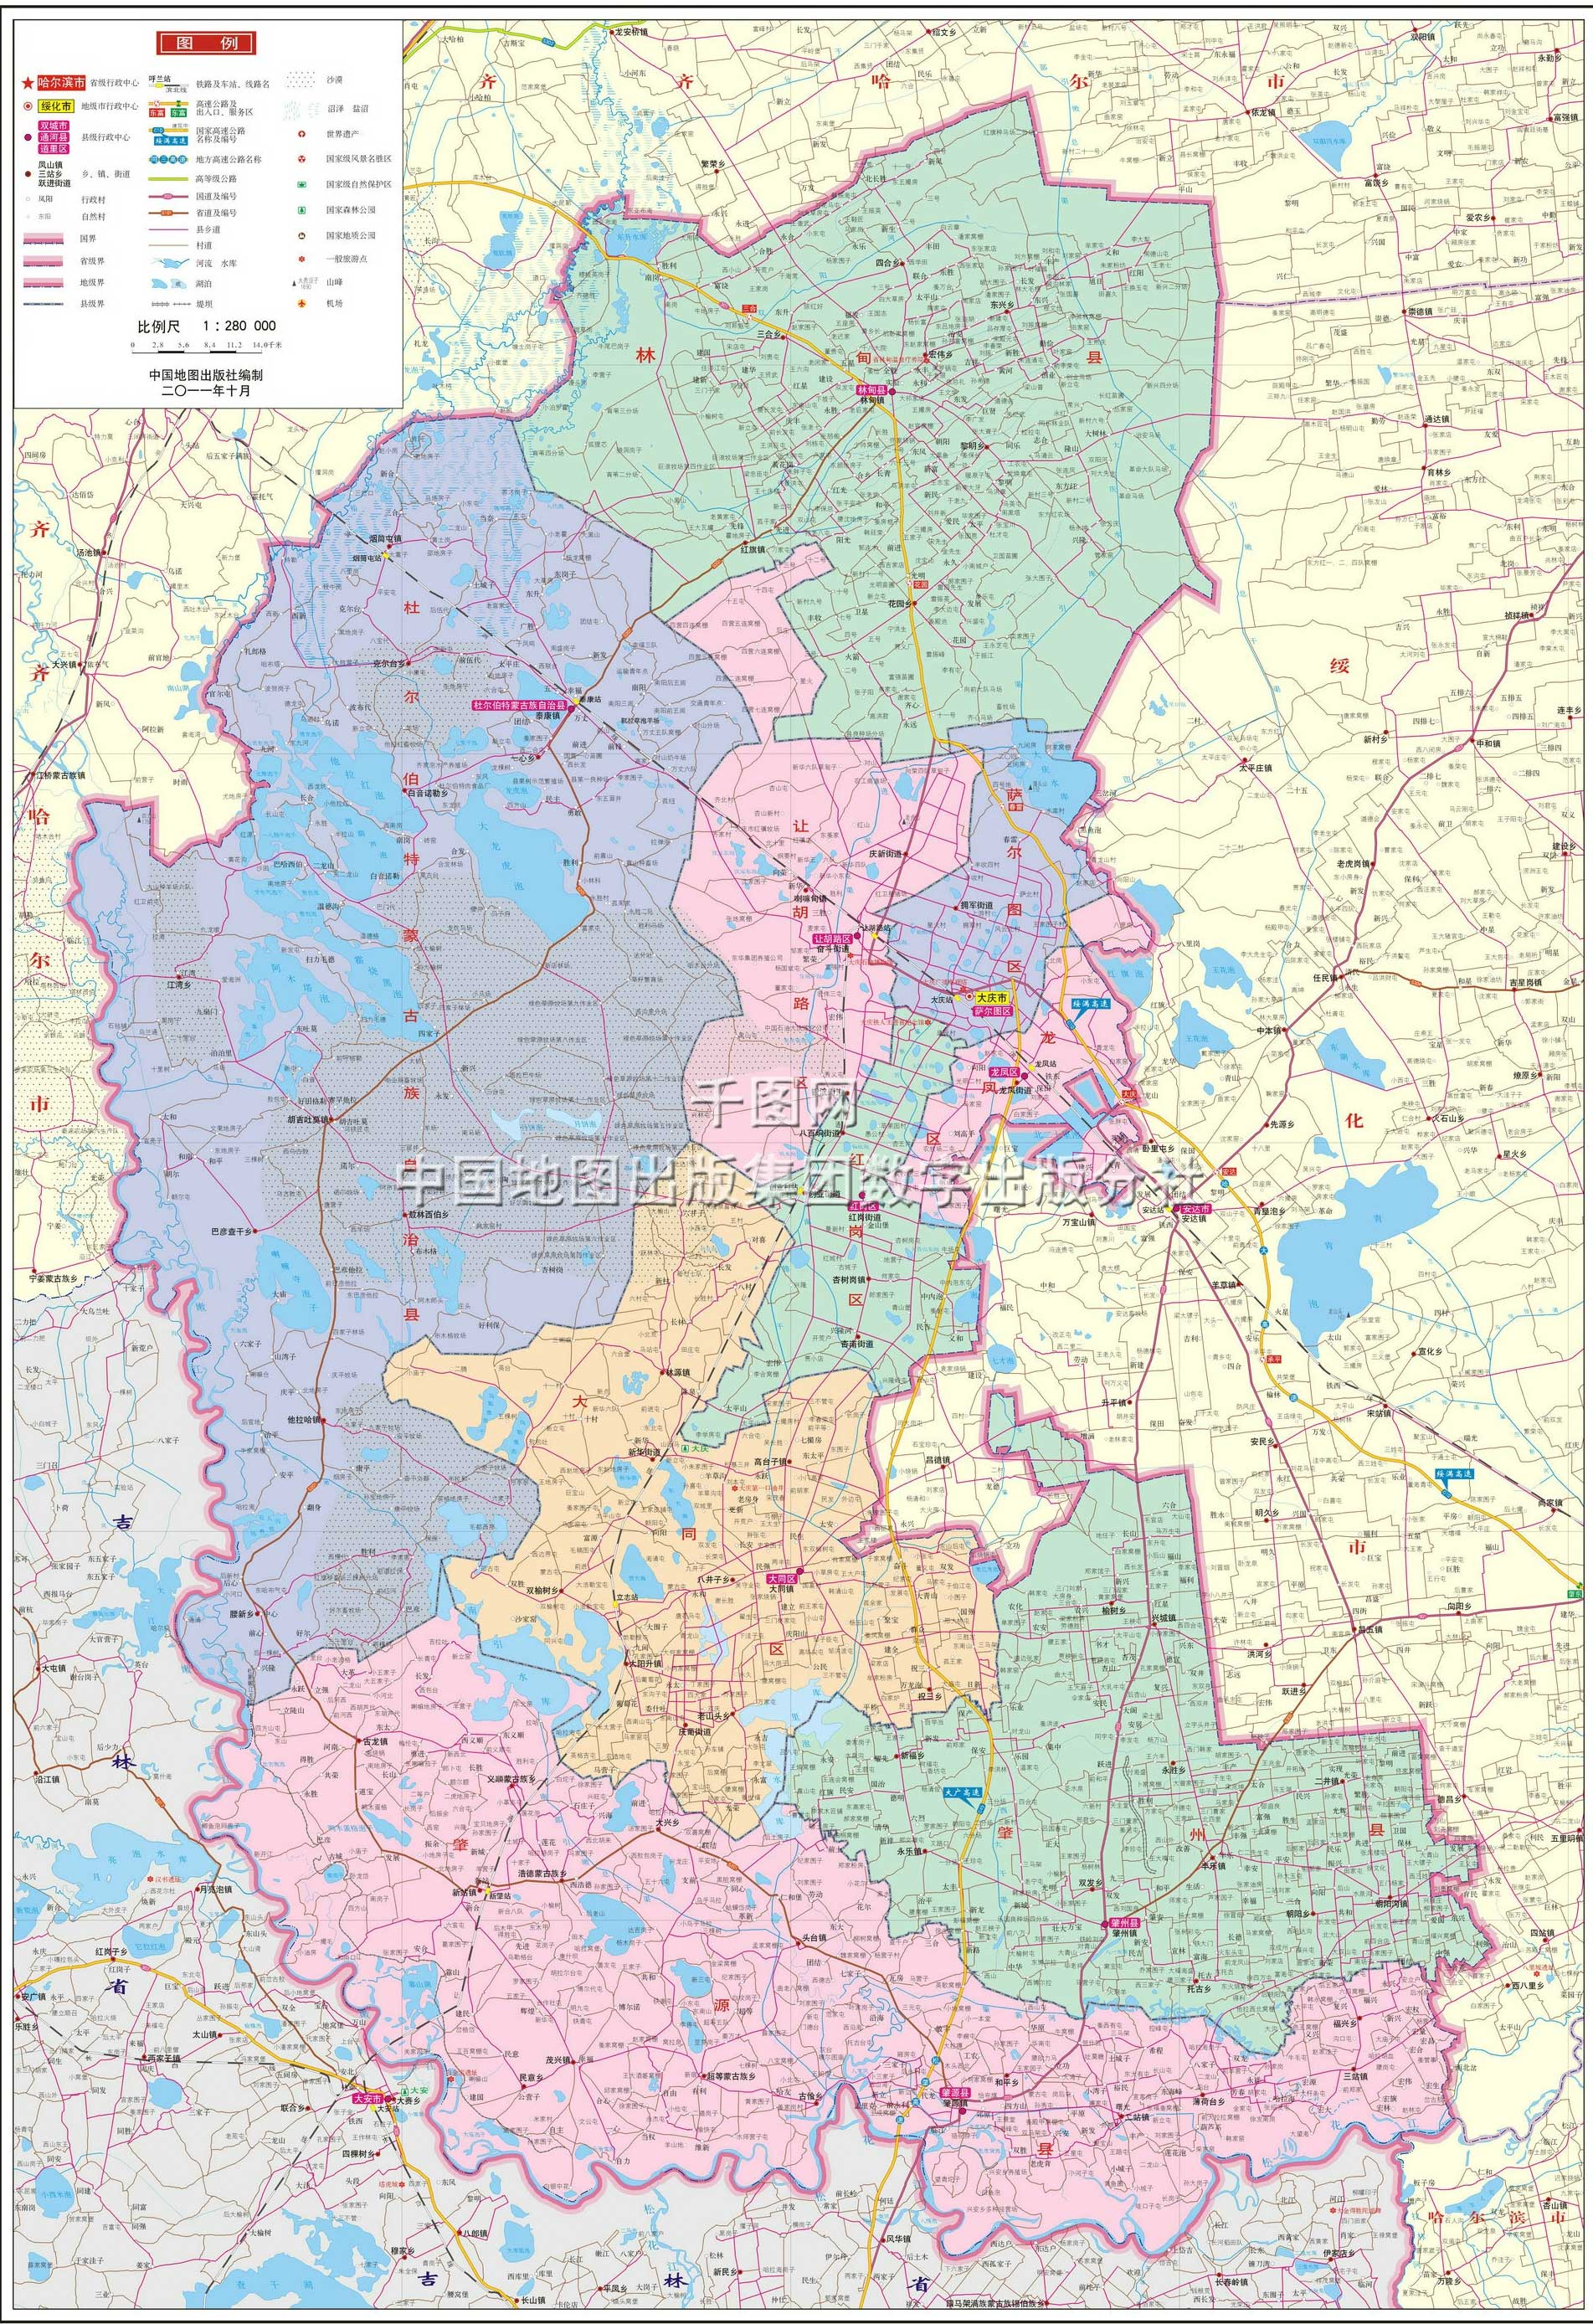 大庆市地图高清版